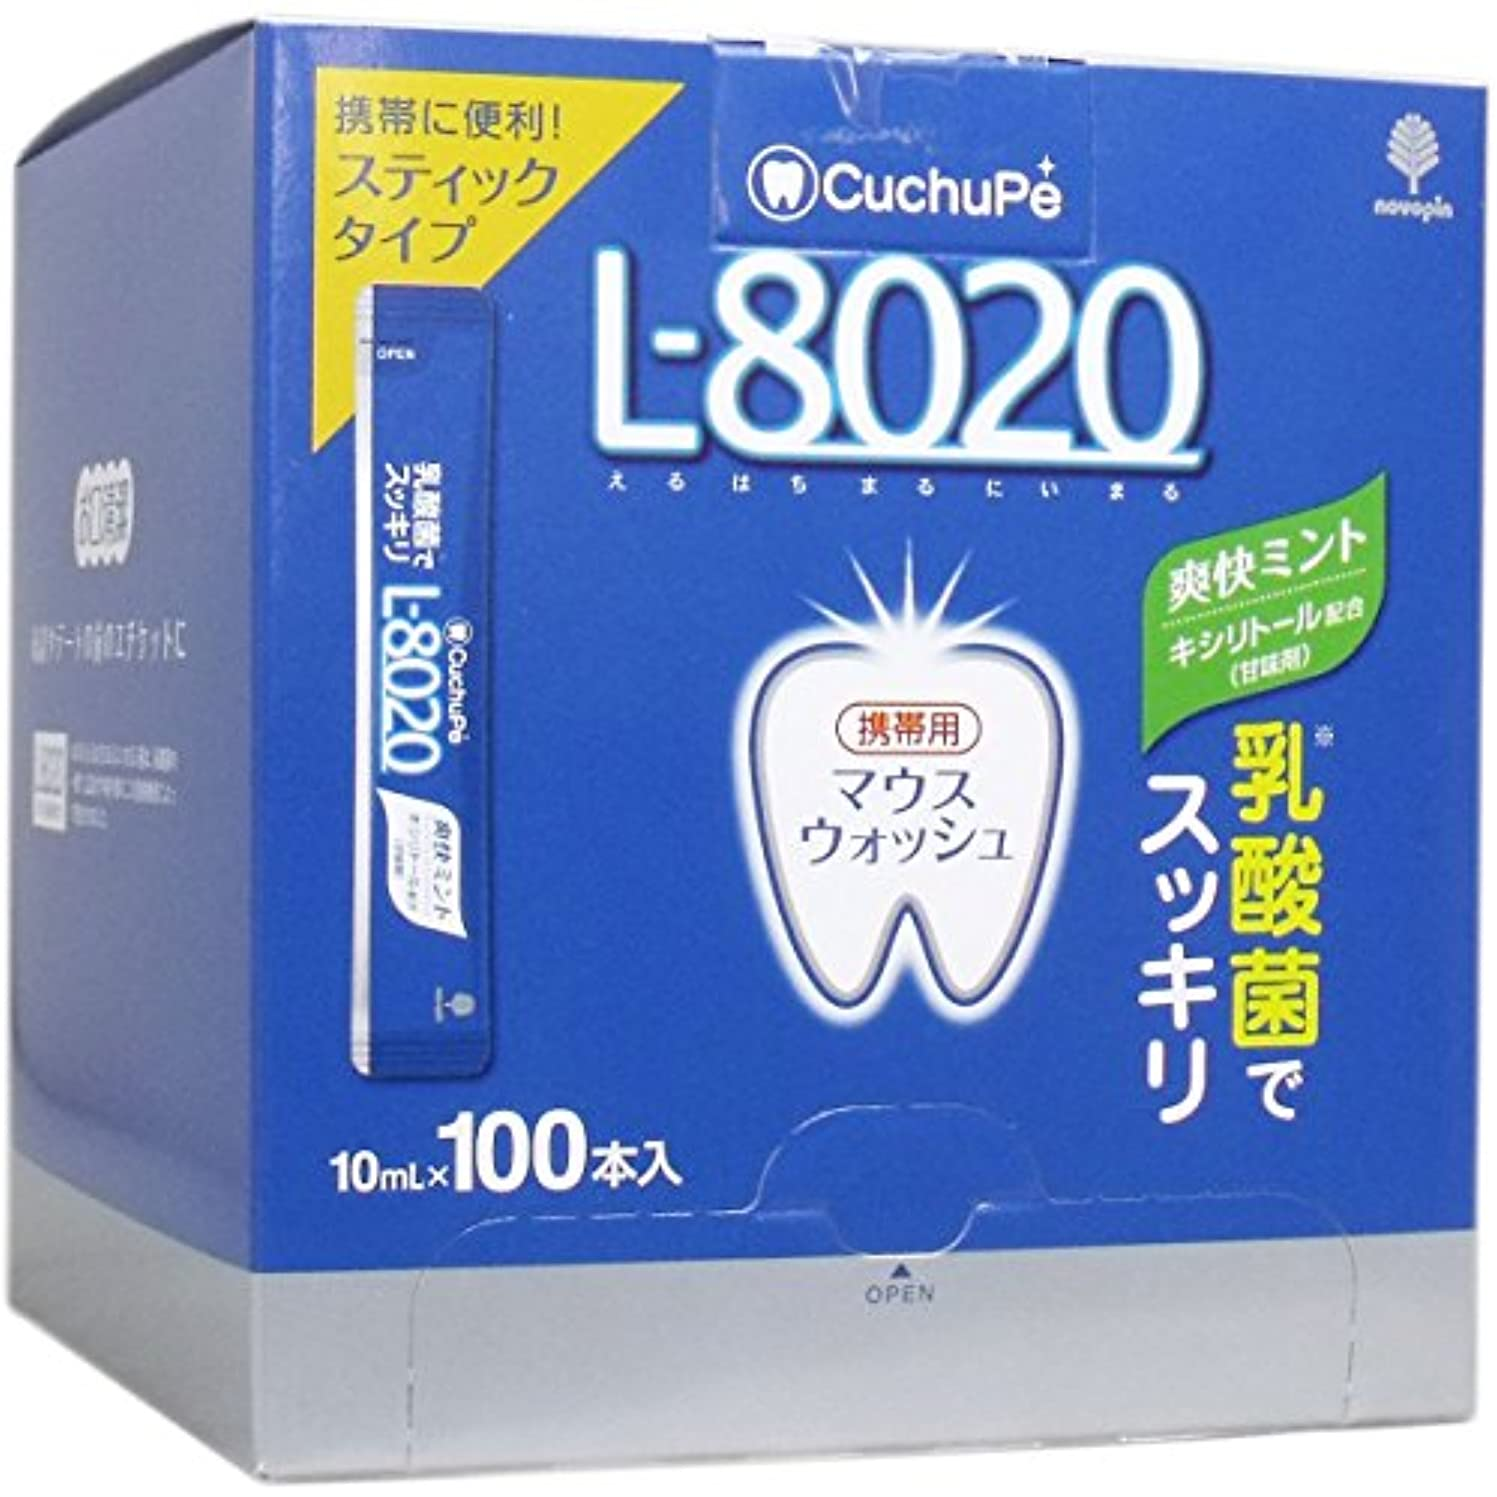 解読するモーター慈悲深いクチュッペ L-8020 マウスウォッシュ 爽快ミント スティックタイプ 100本入